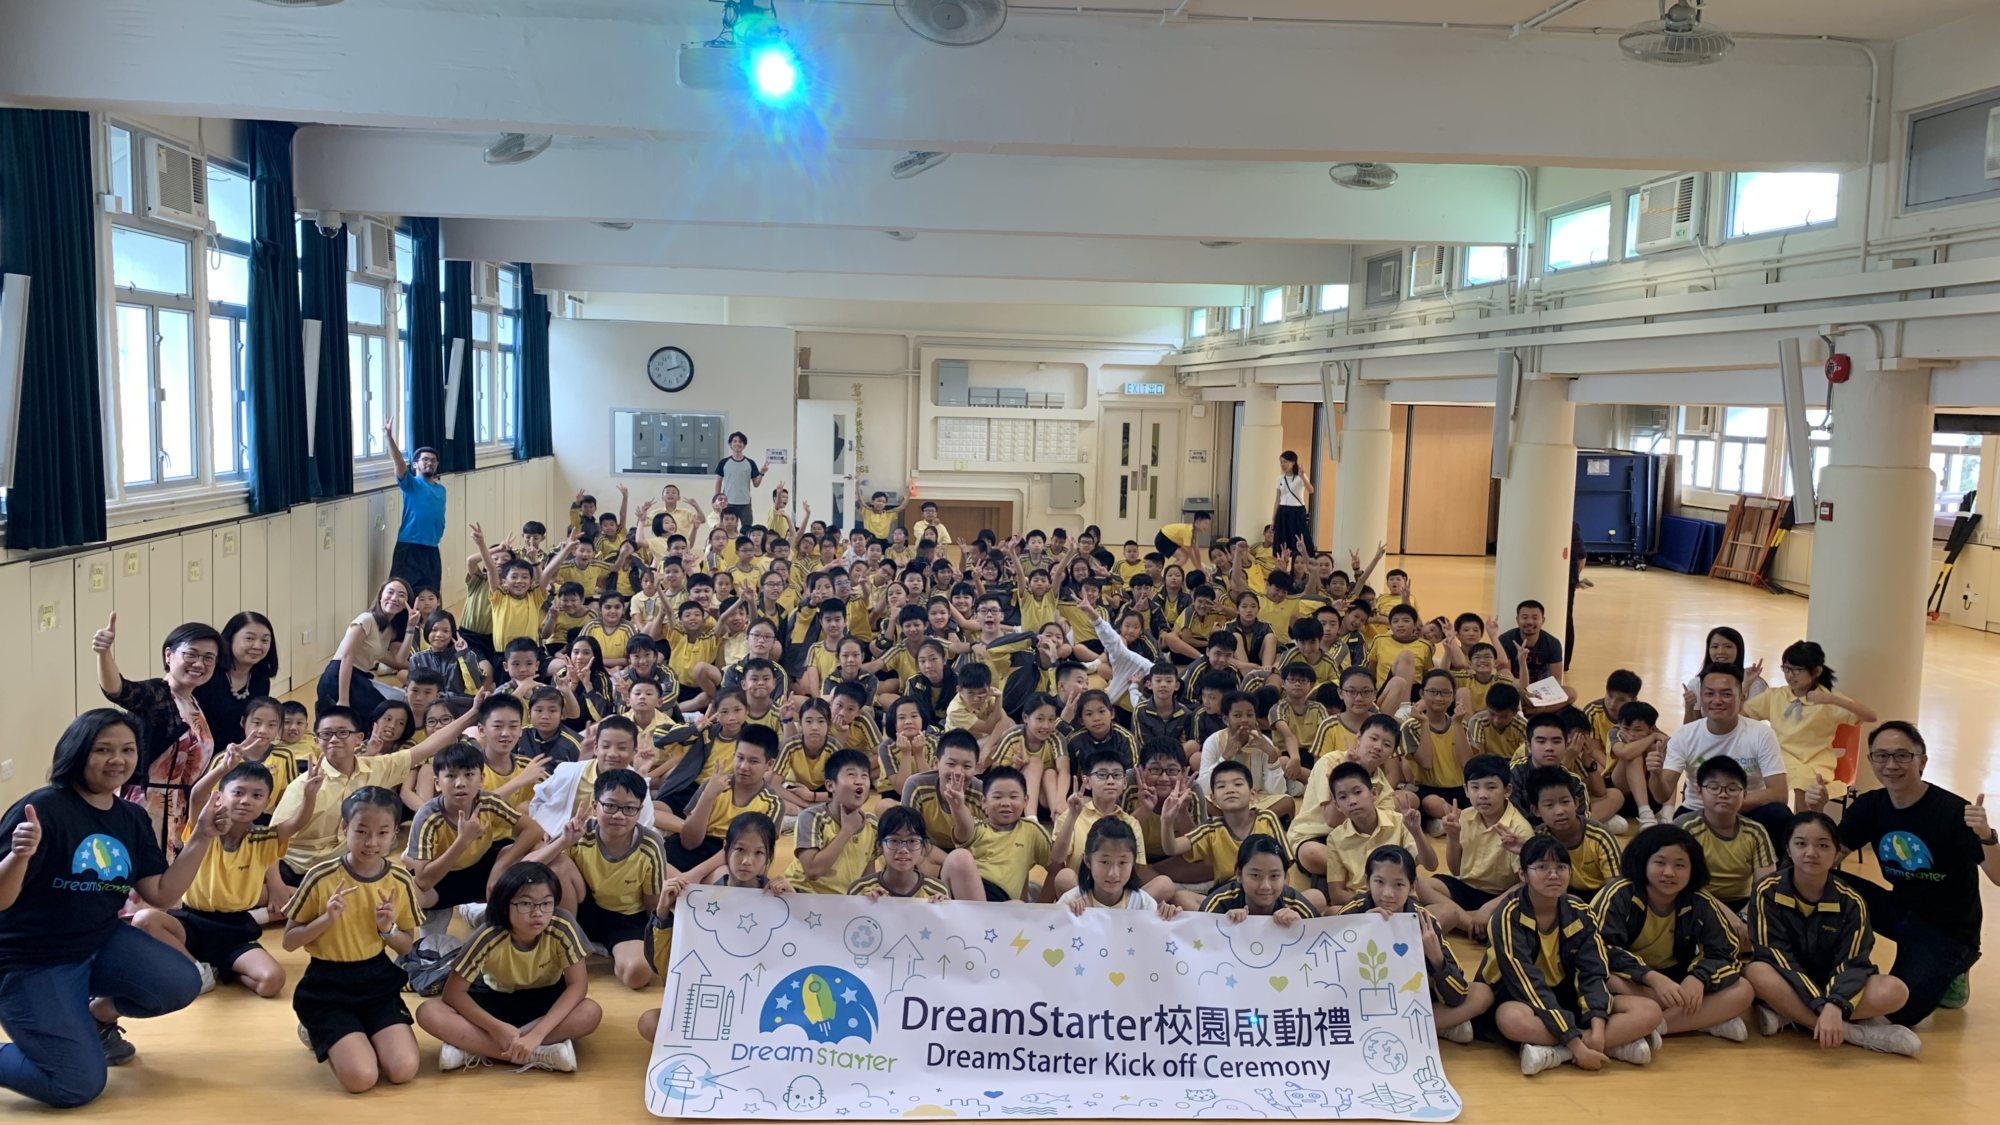 基督教聖約教會堅樂第二小學 2019-2020